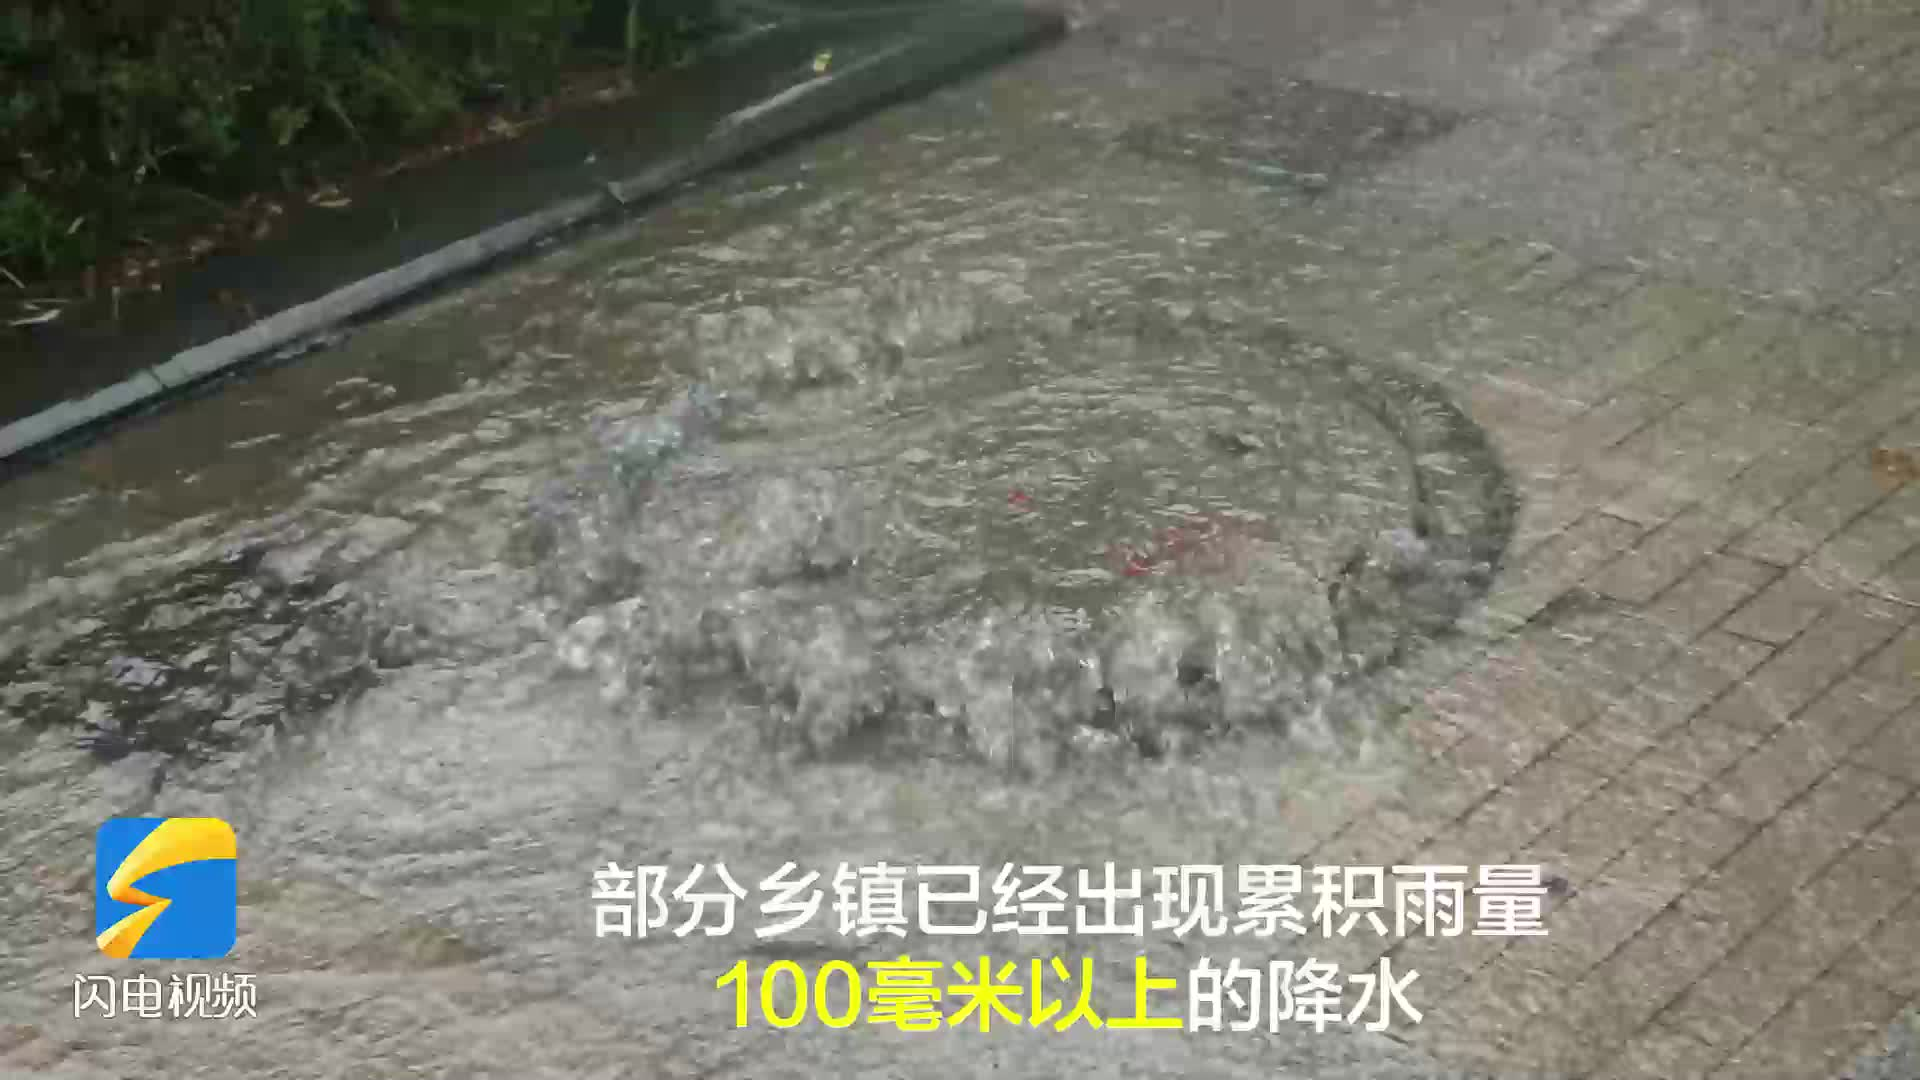 暴雨预警升级为橙色!菏泽平均降水已达54.5毫米 下午到晚上仍有中到大雨